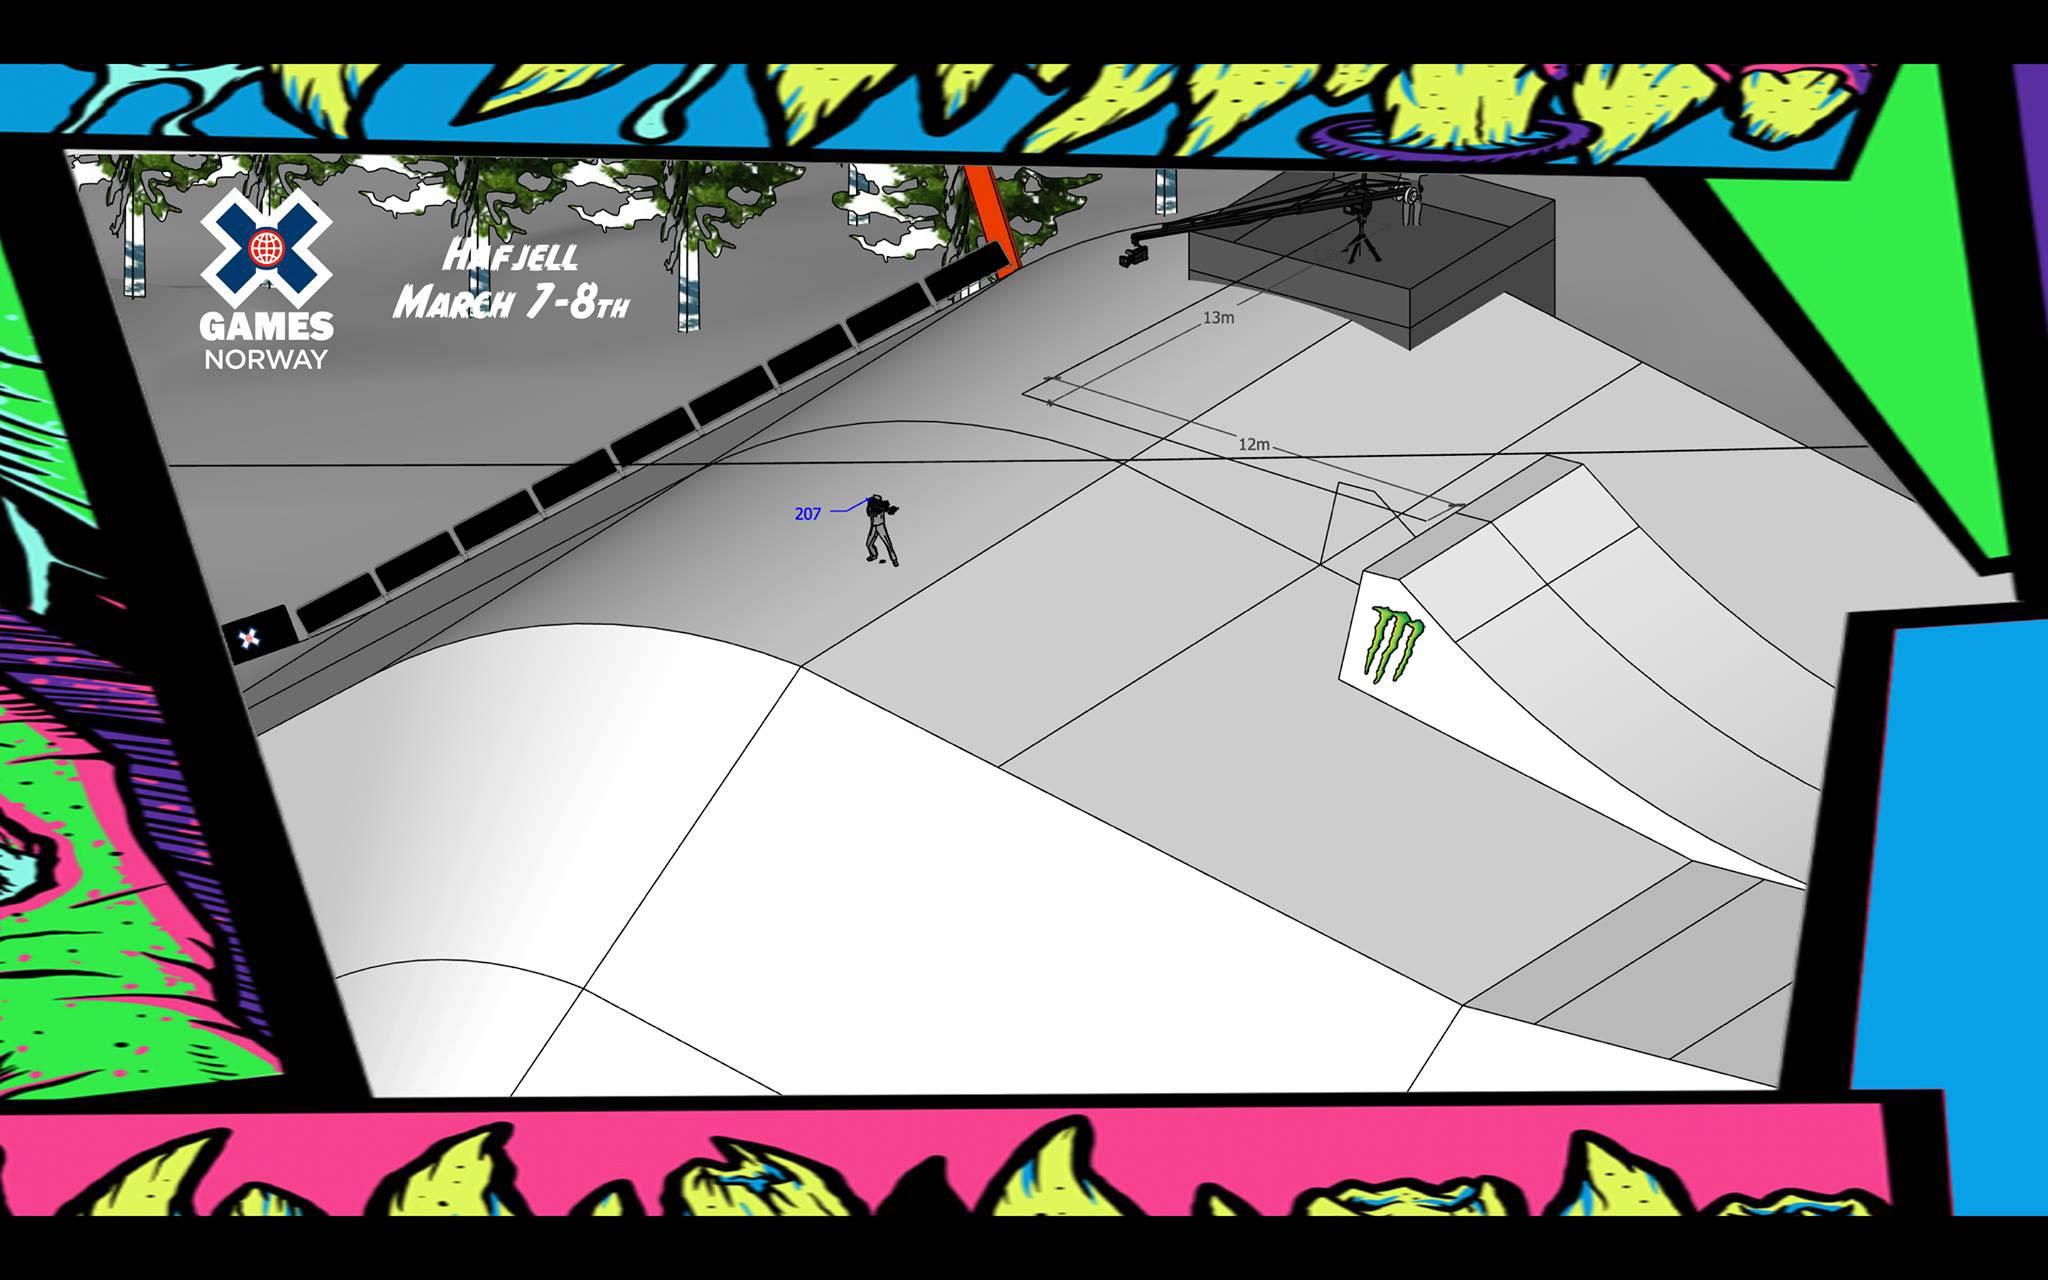 Als letztes Feature folgt ein Table Kicker mit einem ca. 12 Meter langem Table.